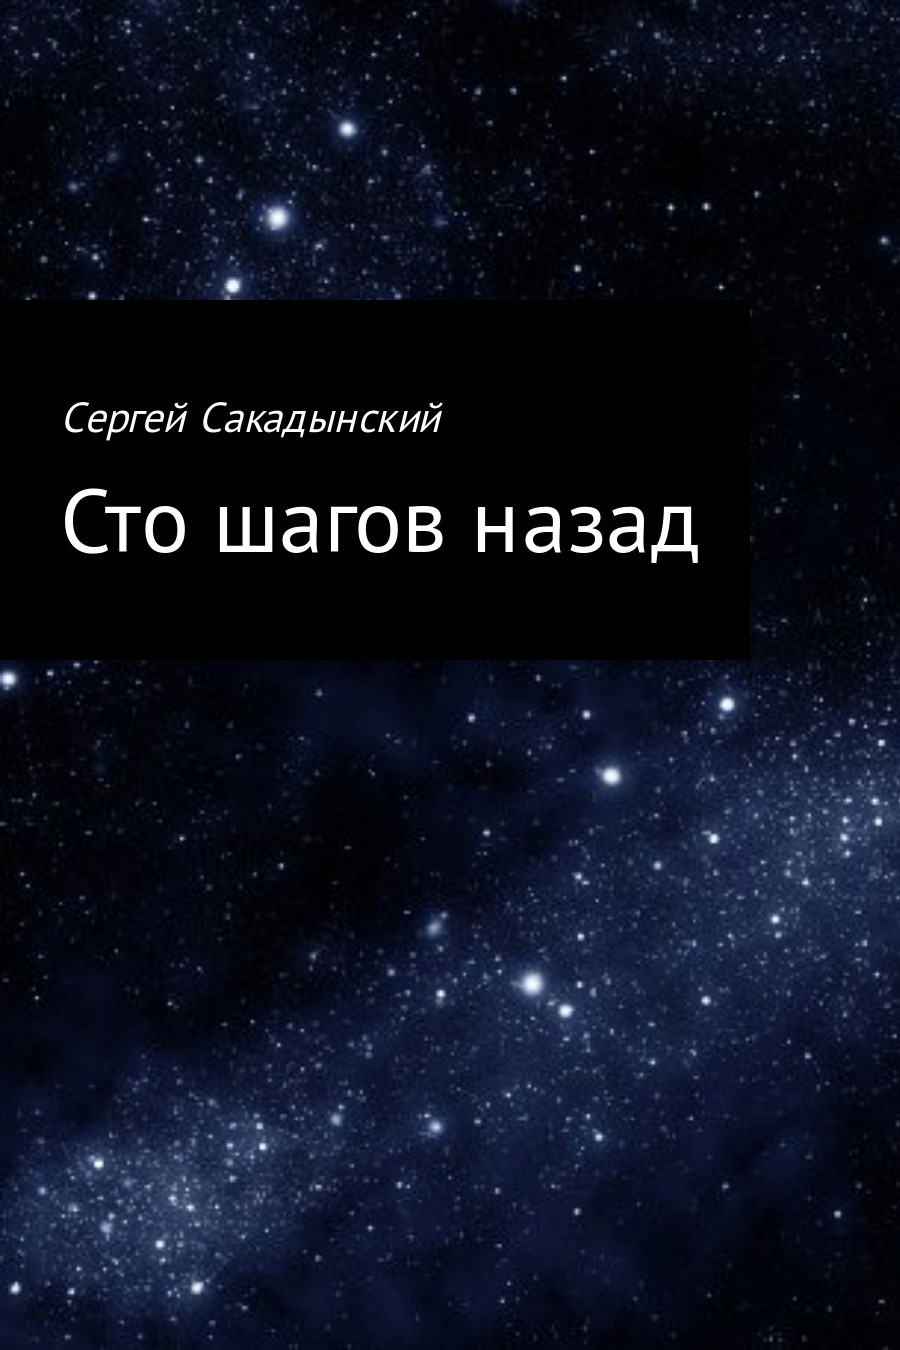 Сергей Сакадынский - Сто шагов назад